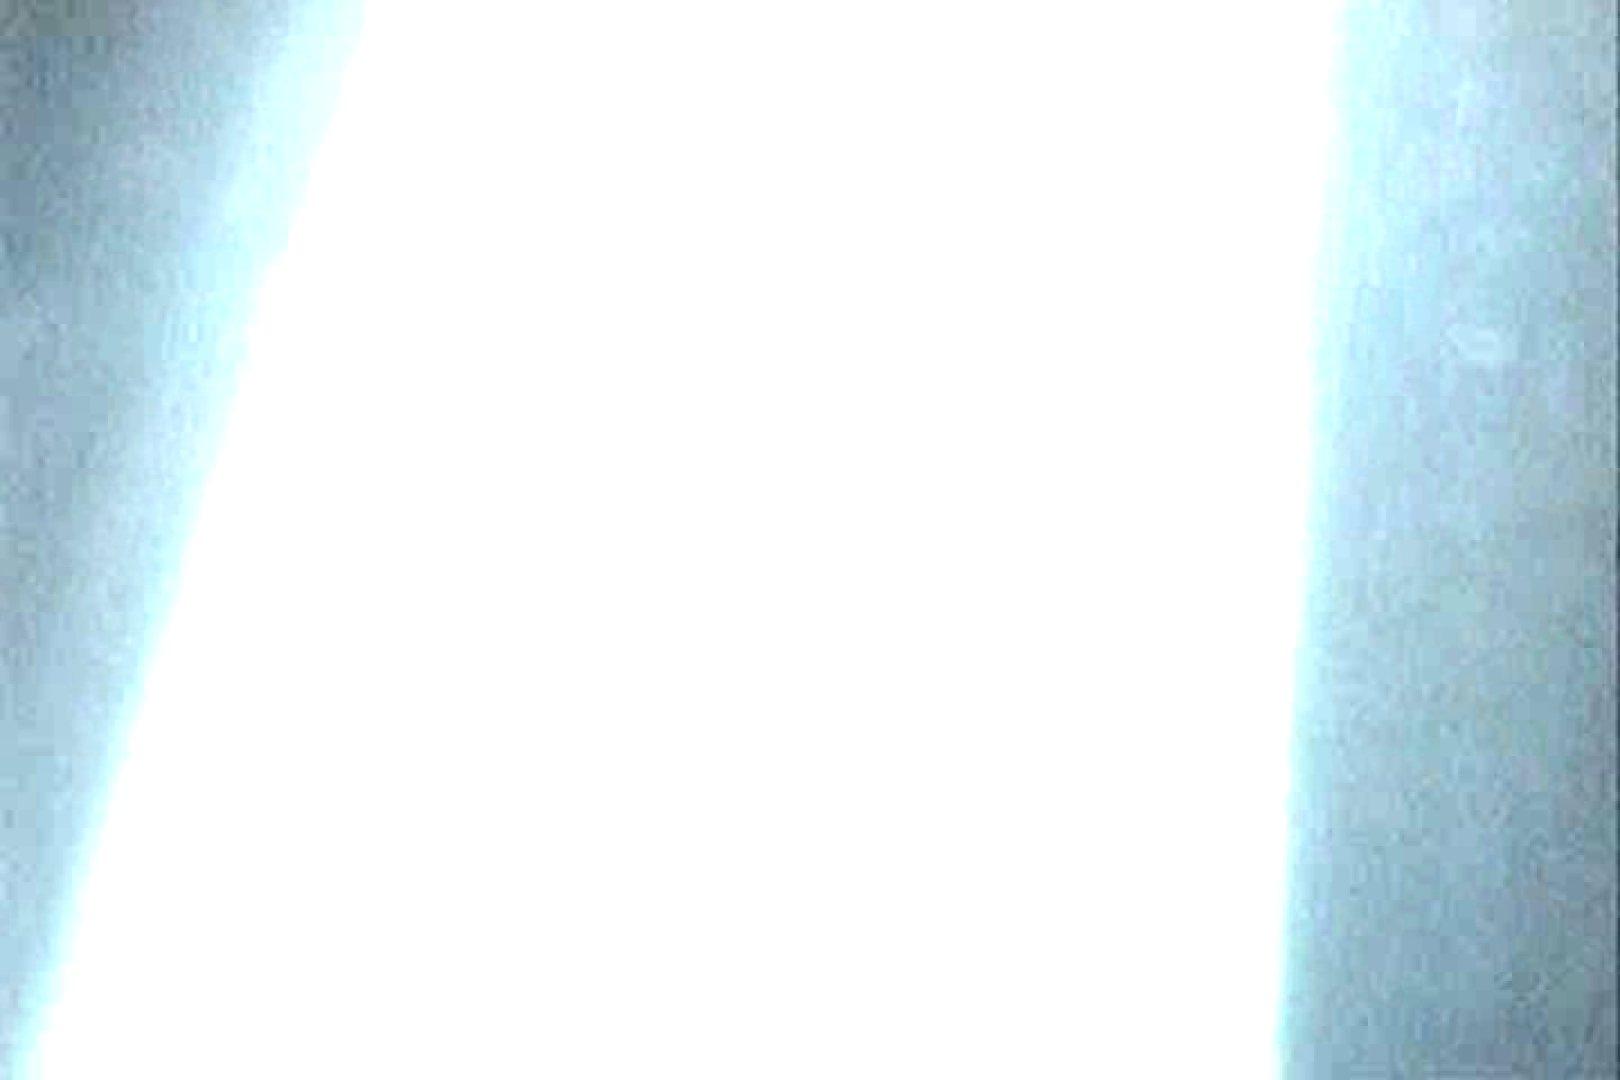 充血監督の深夜の運動会Vol.14 お尻 | カップルもろsex  106PICs 91